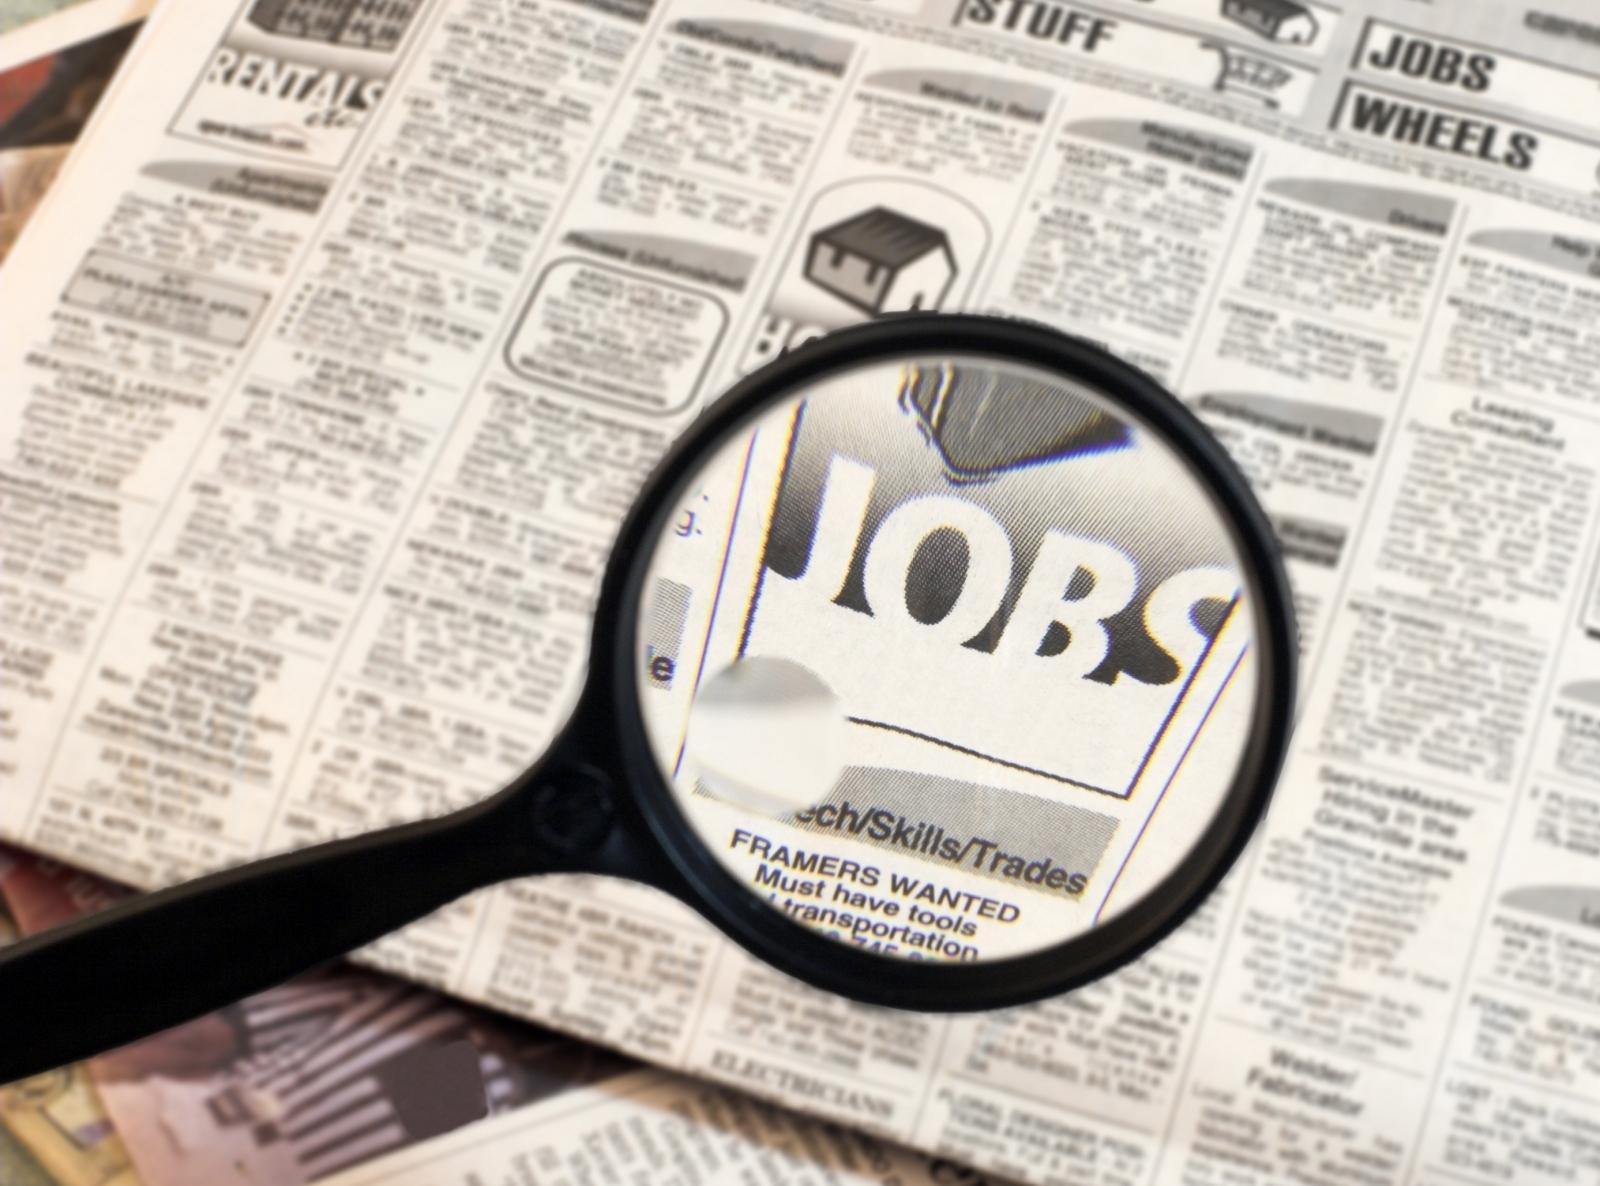 Madison Jobs